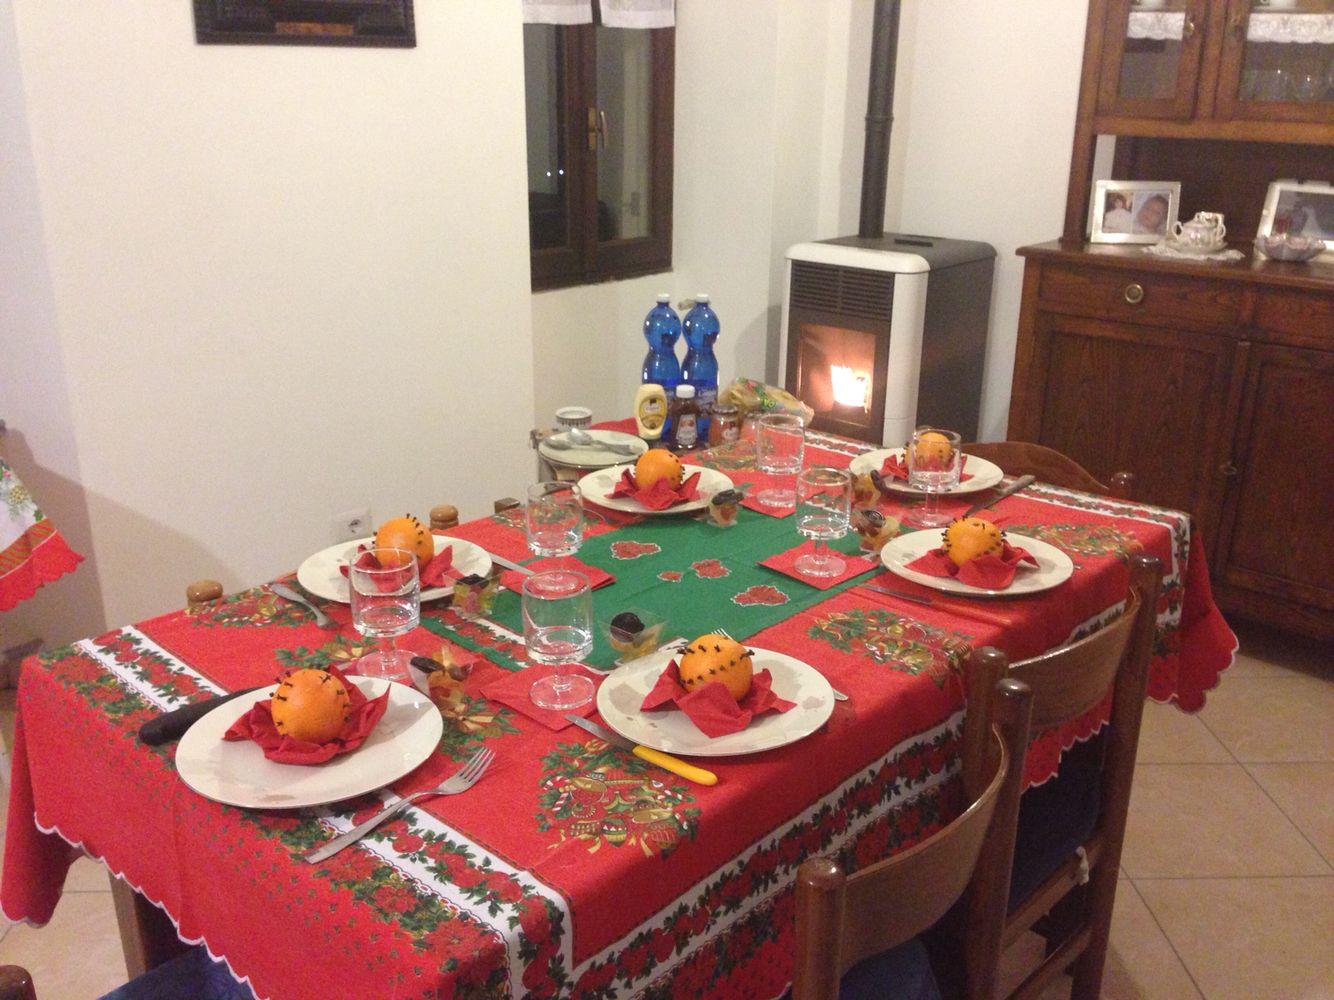 La mia tavola capodanno 2014/2015